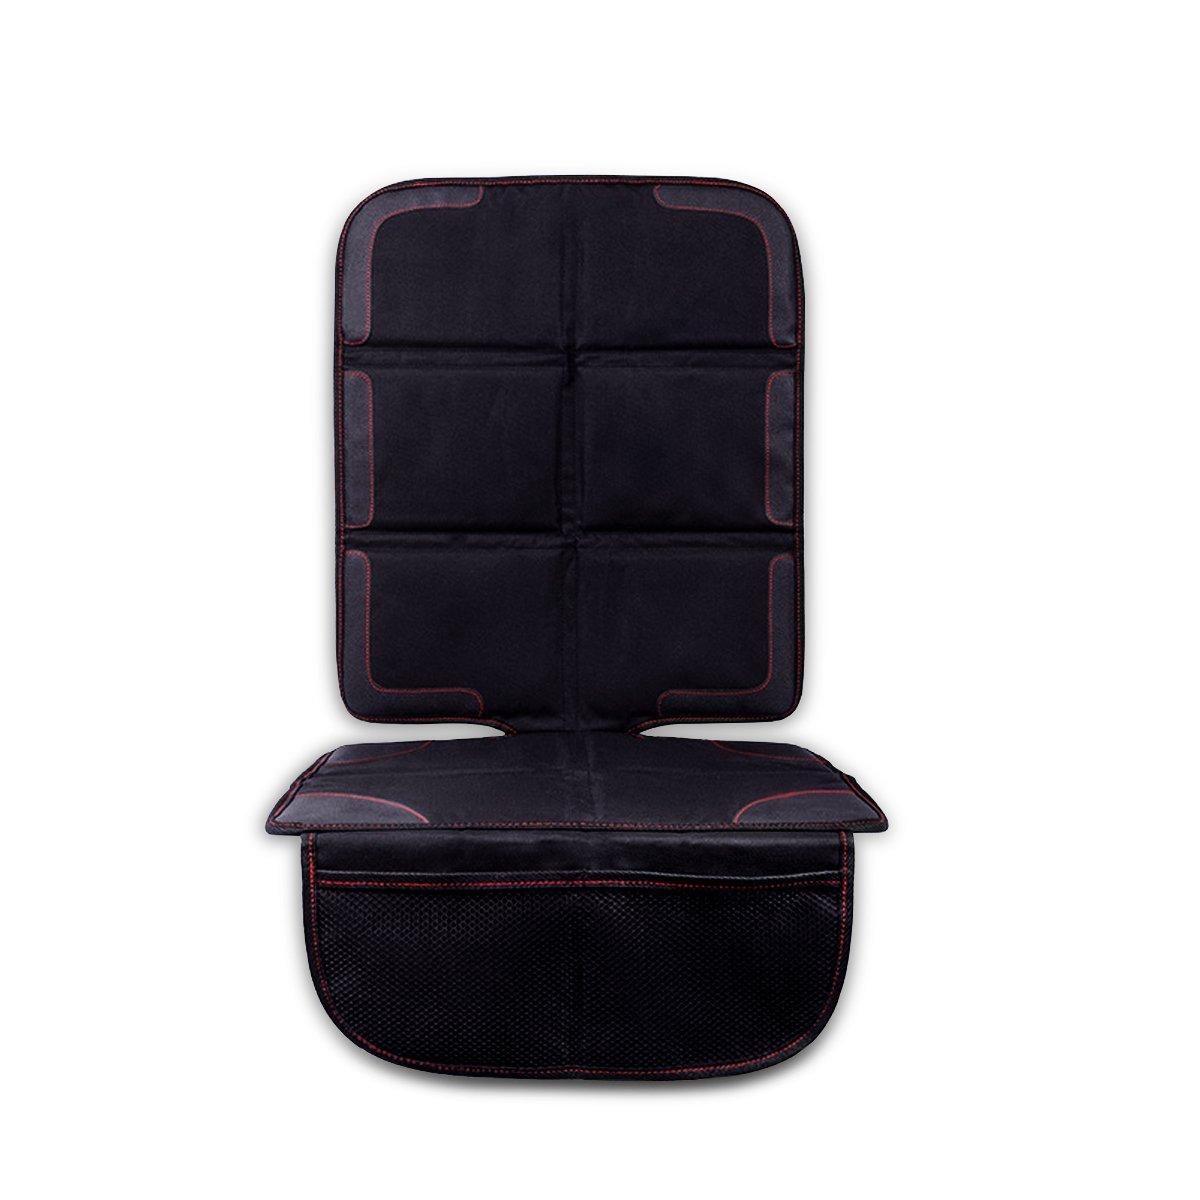 SONARIN Autositzauflage, bietet dicken Schutz fü r Kind & Baby Autos Sitze.Wasserdicht, rutschfest mit Aufbewahrungstaschen, Autositzschutz(Grau)